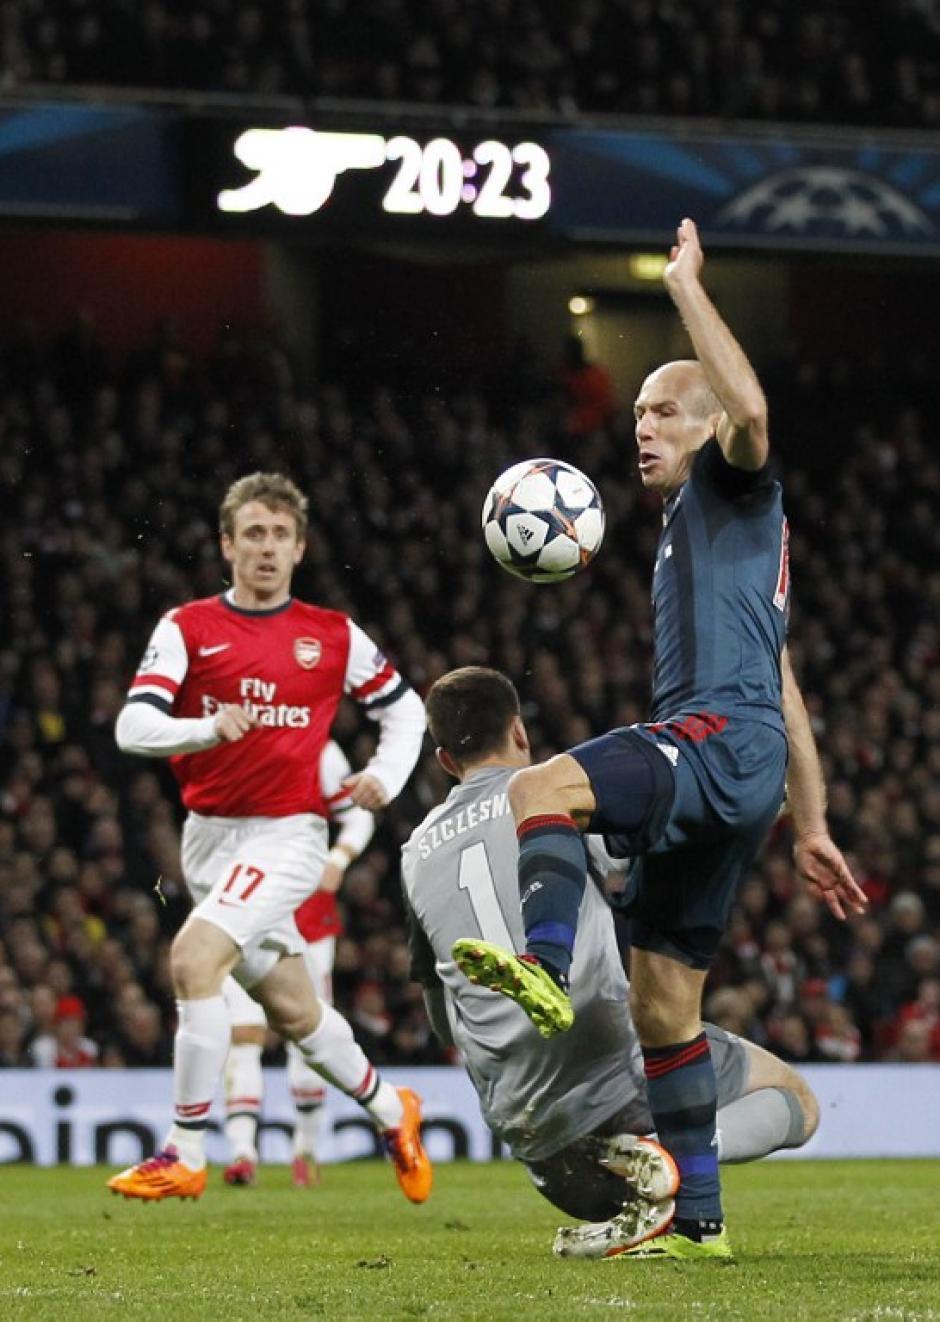 Robben y el guardameta del Arsenal en la jugada que originó el penal para los del Bayern y la expulsión de Szczesny